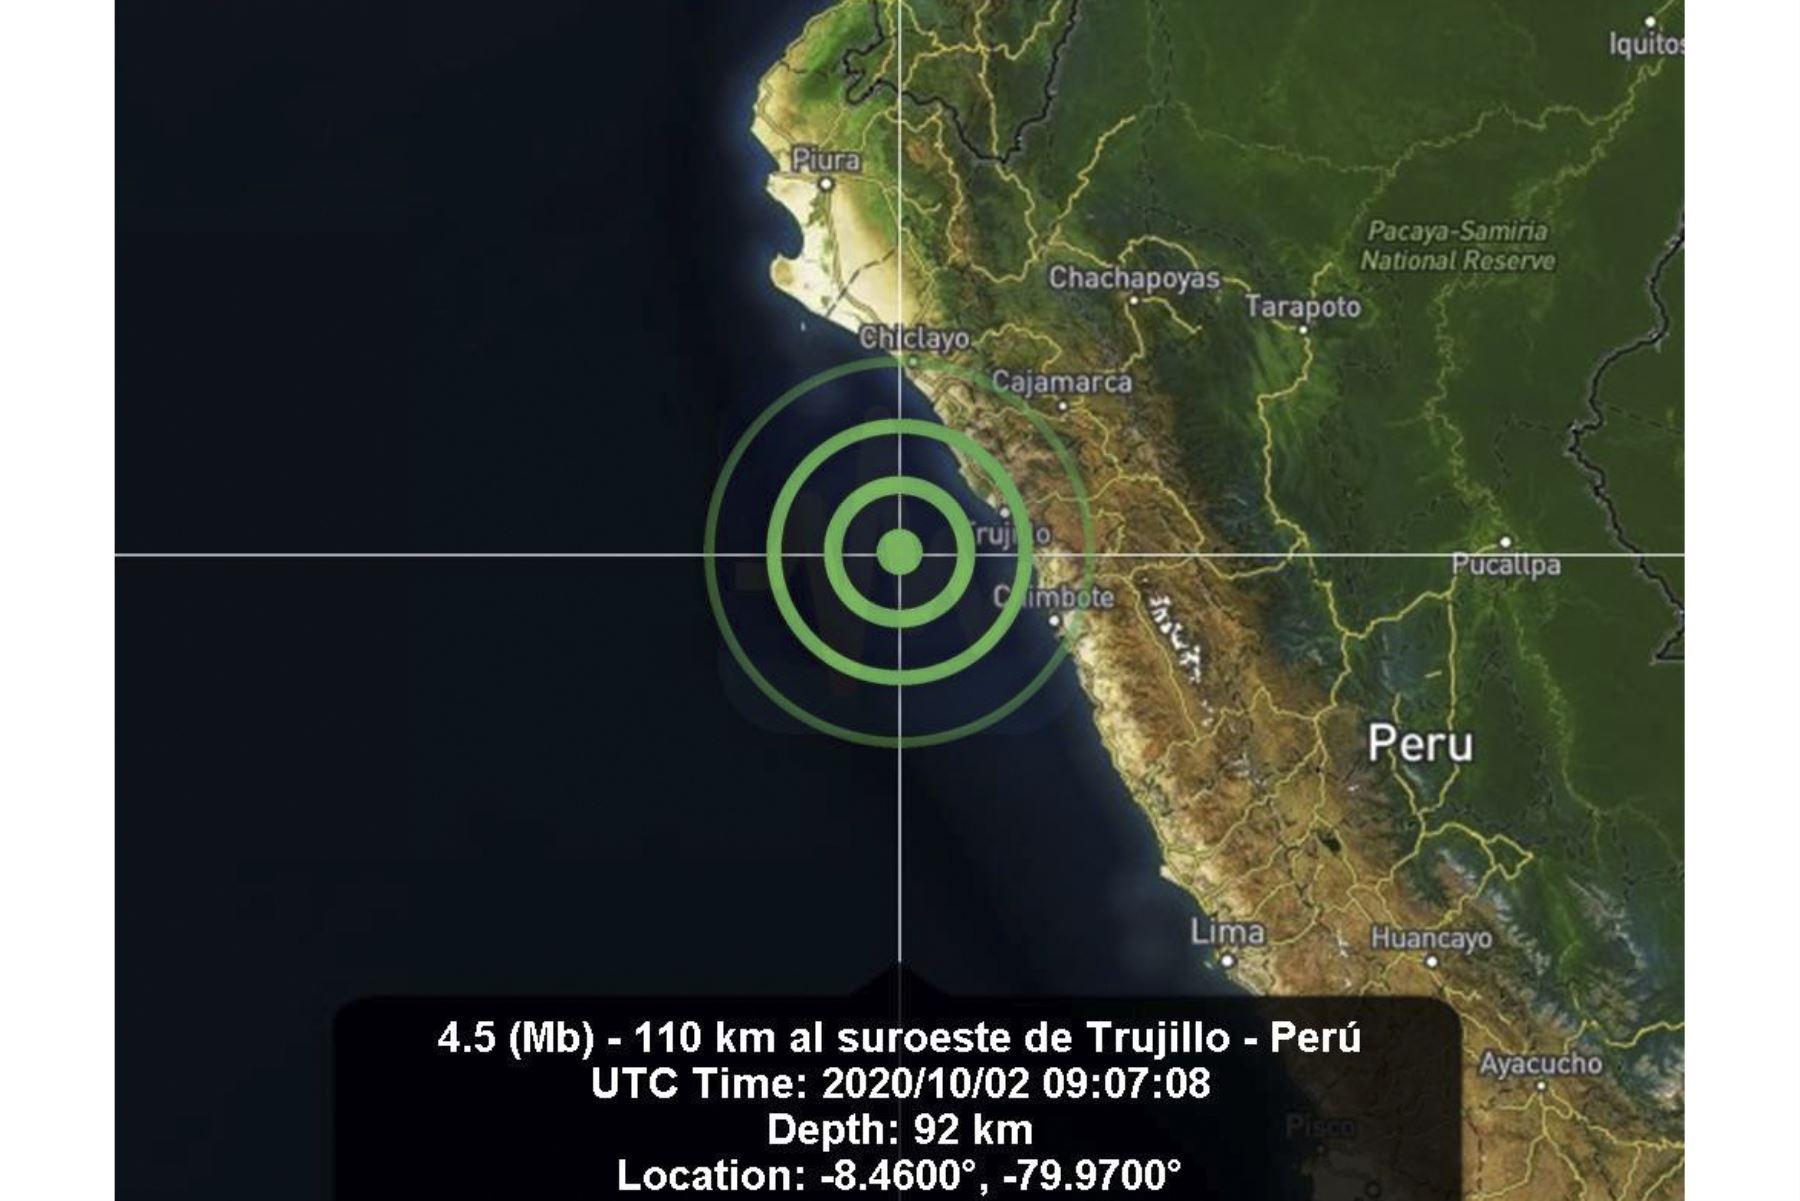 Un sismo de magnitud 4.8 se registró en la ciudad de Trujillo, región La Libertad. Foto: ANDINA/Difusión